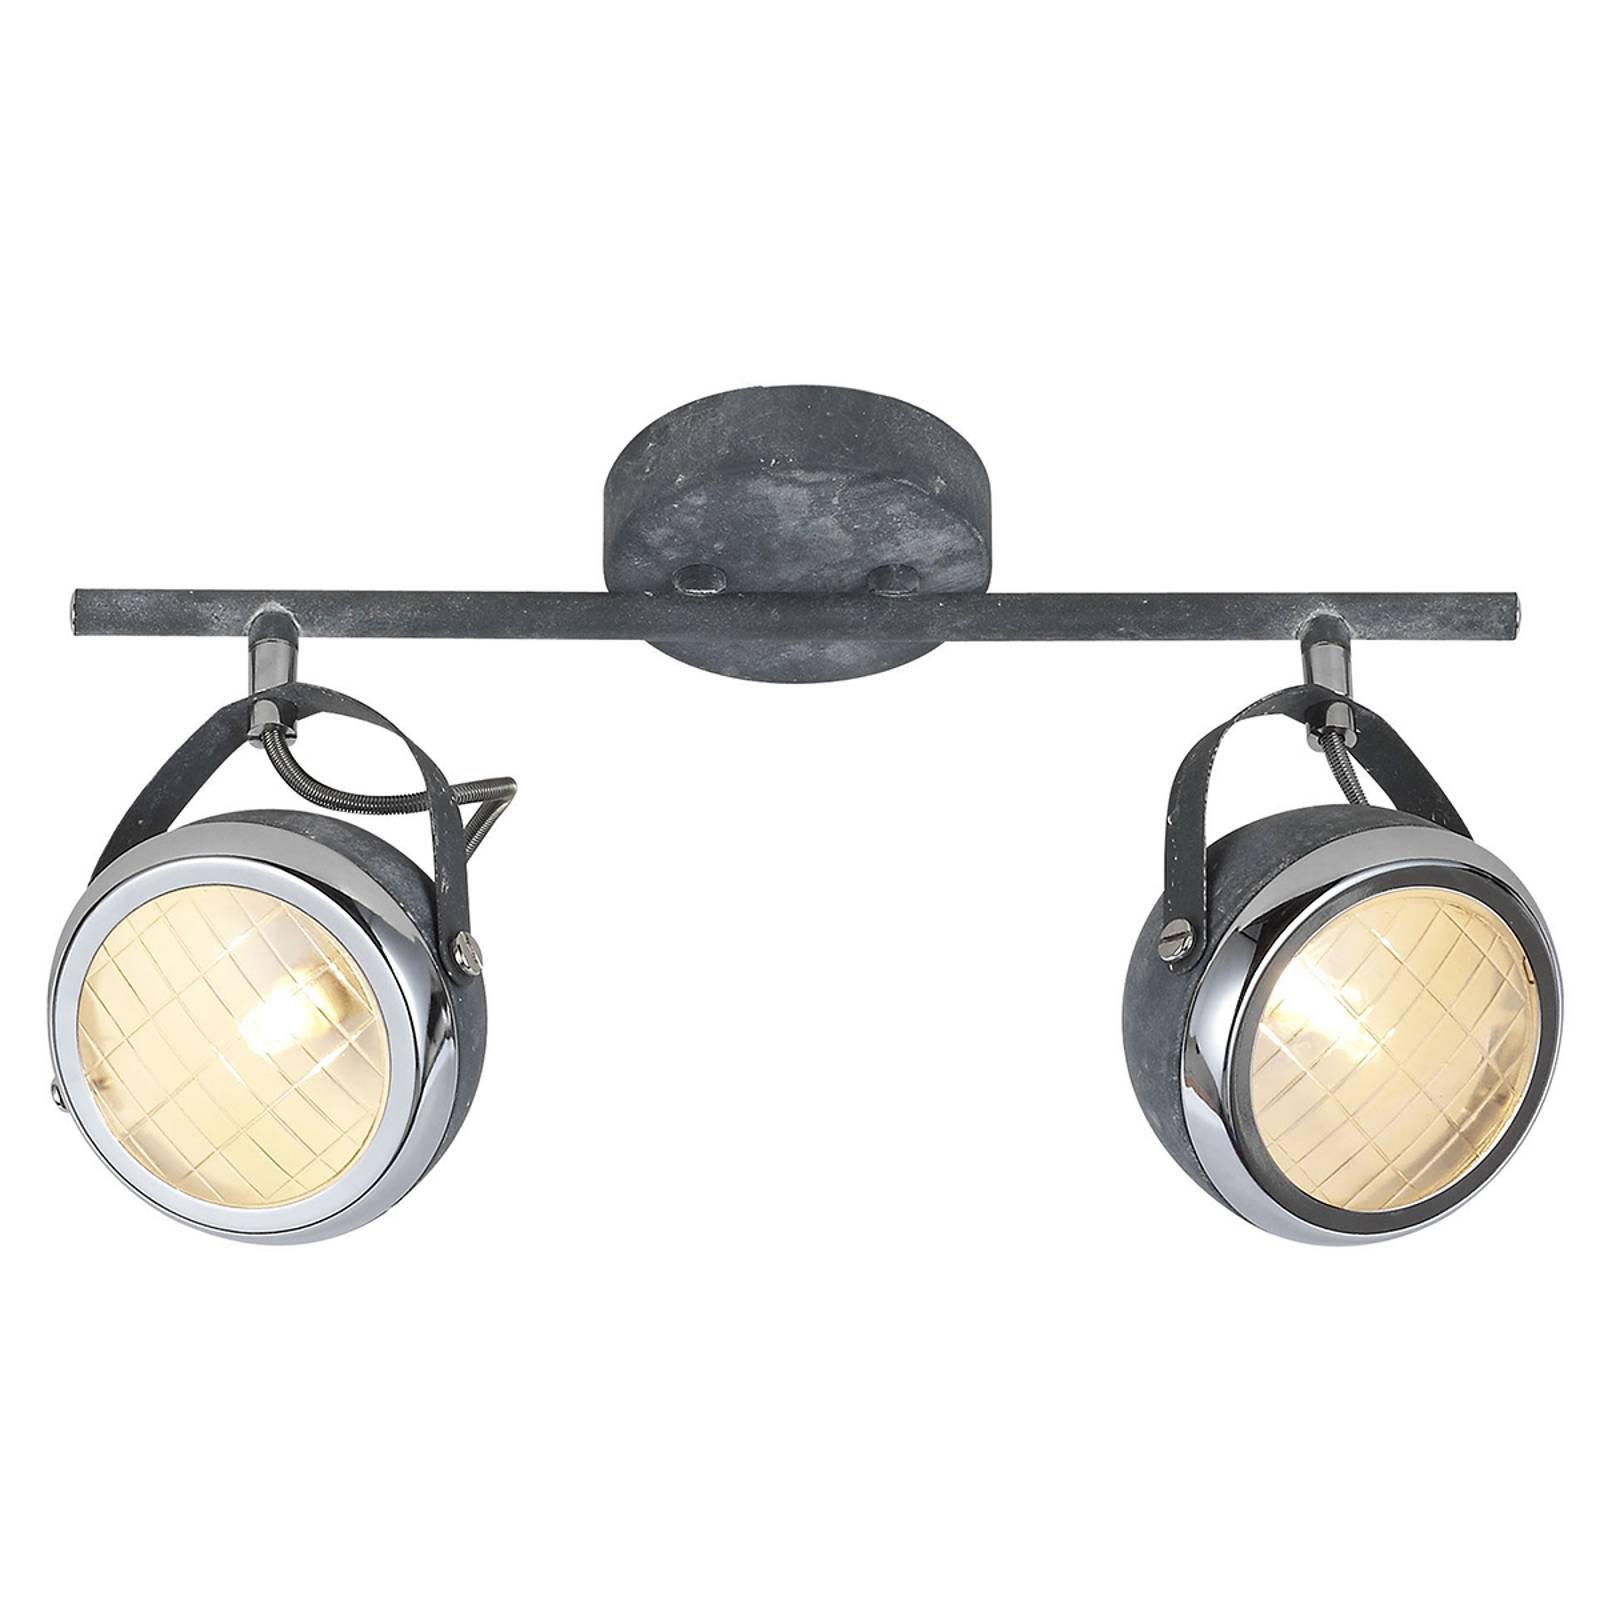 Betonggrå taklampe Rider, 2 lyskilder